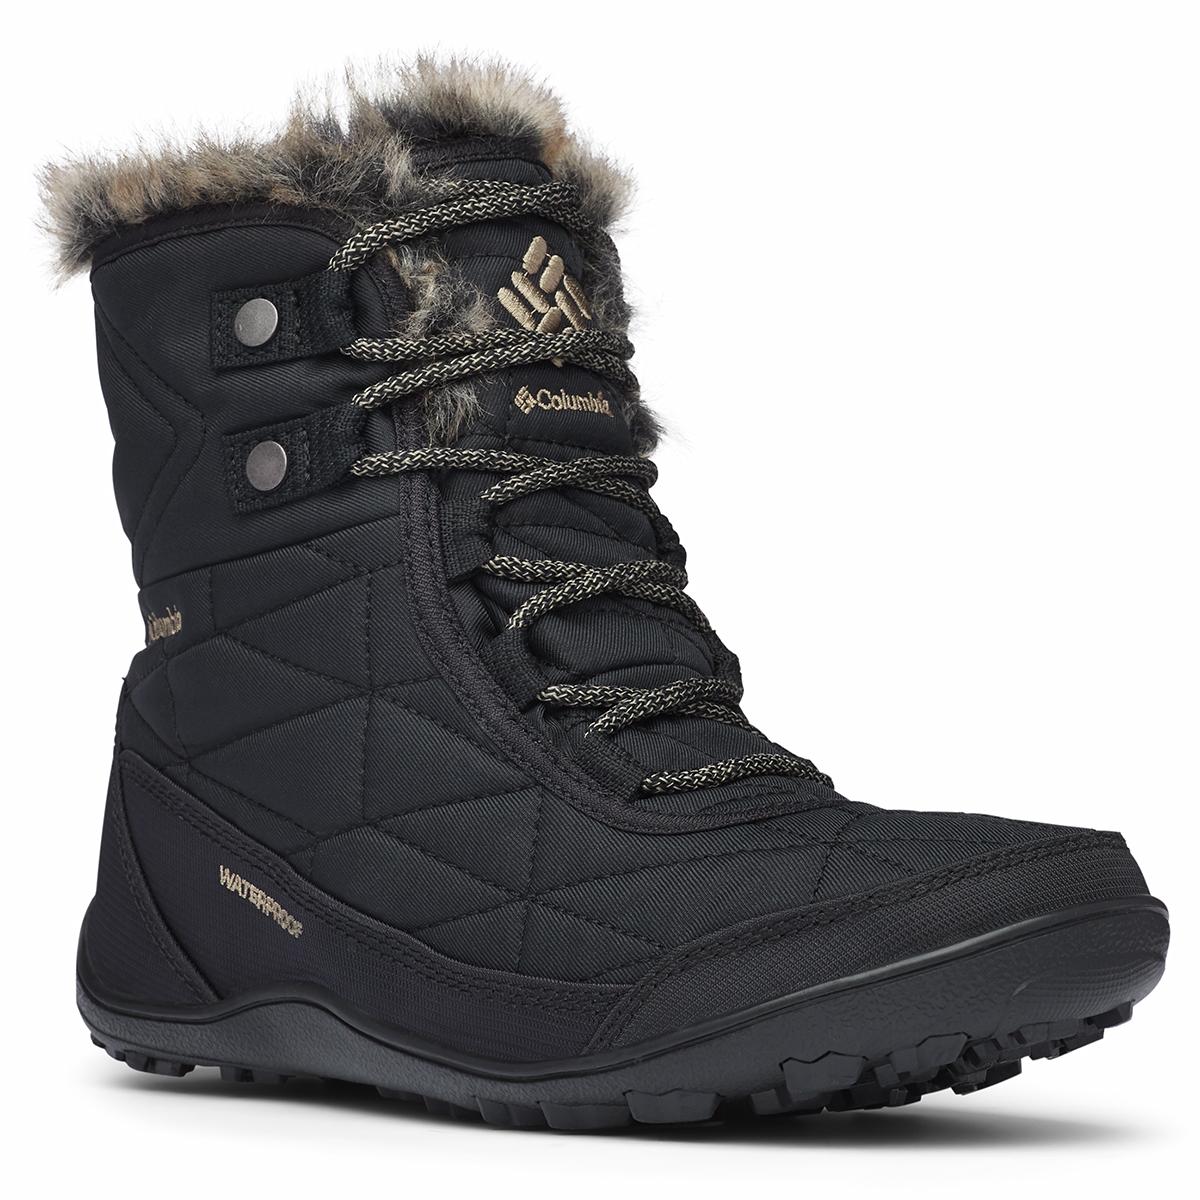 Columbia Women's Minx Shorty 3 Waterproof Boot - Black, 8